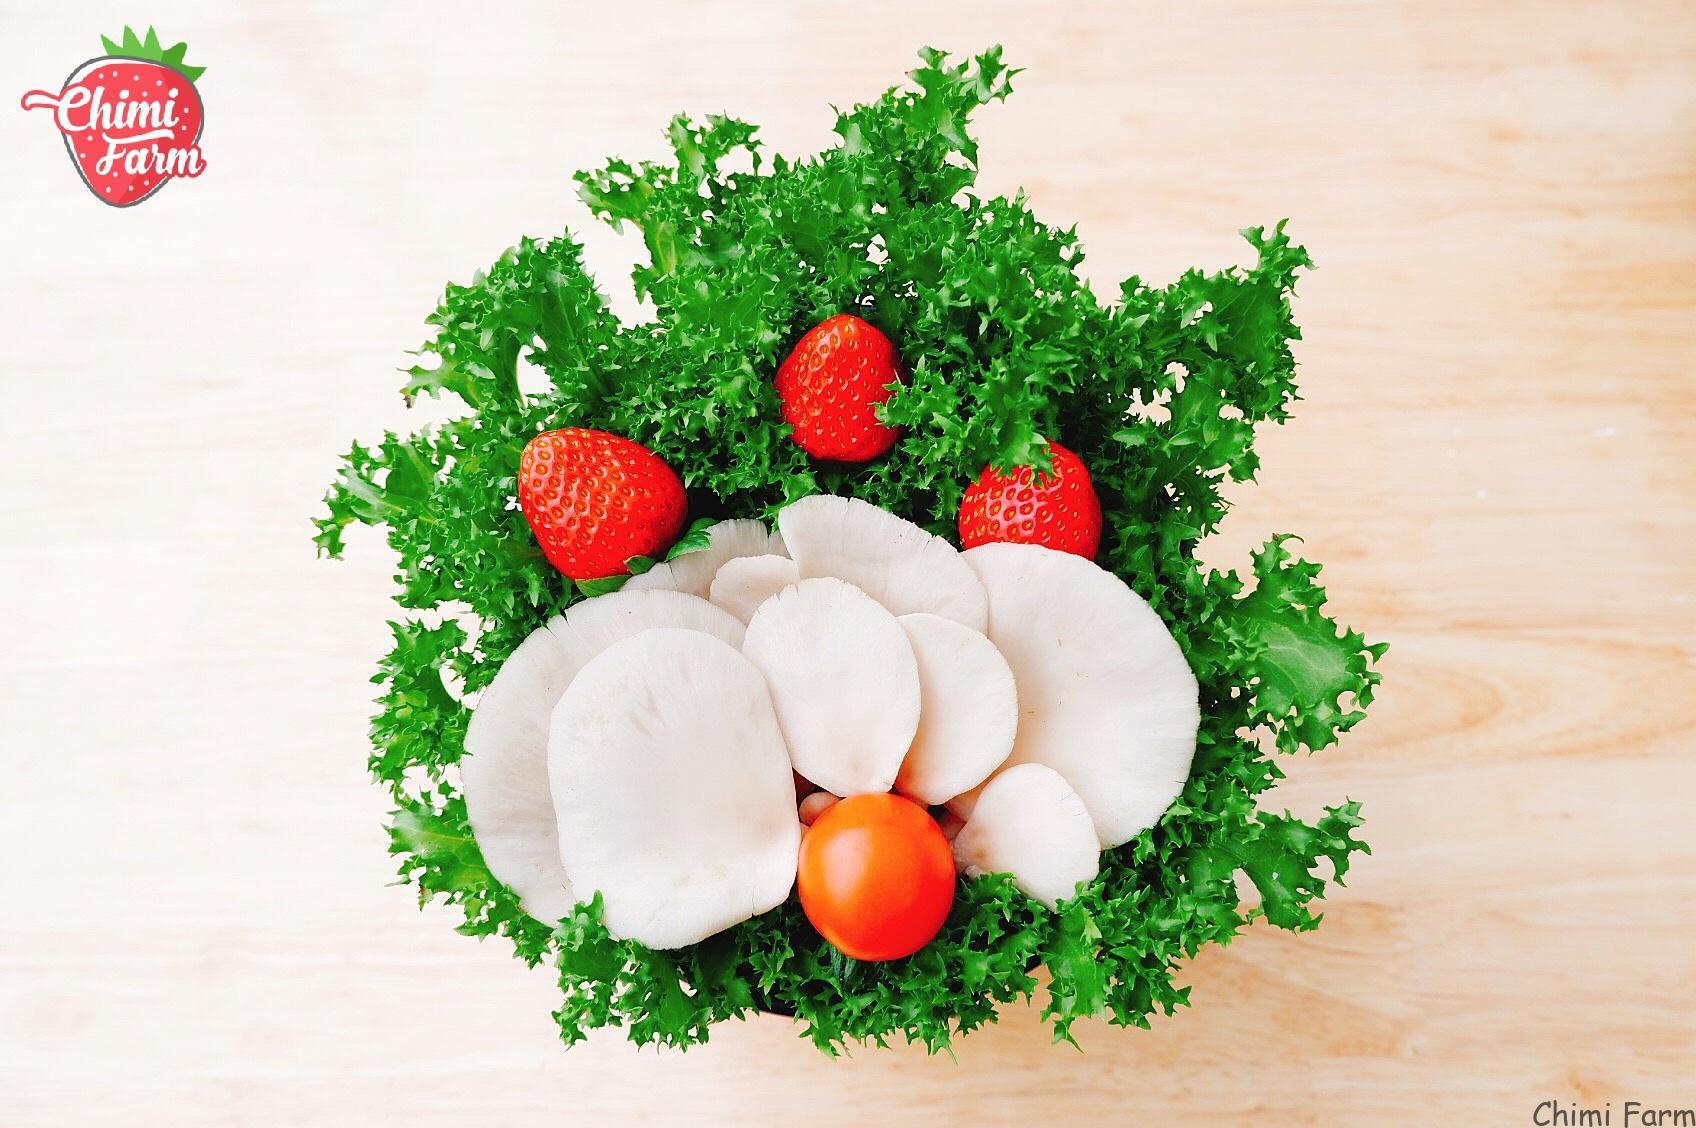 Cải kale có thể chế biến salad, xào, luộc hoặc ăn kèm với lẩu